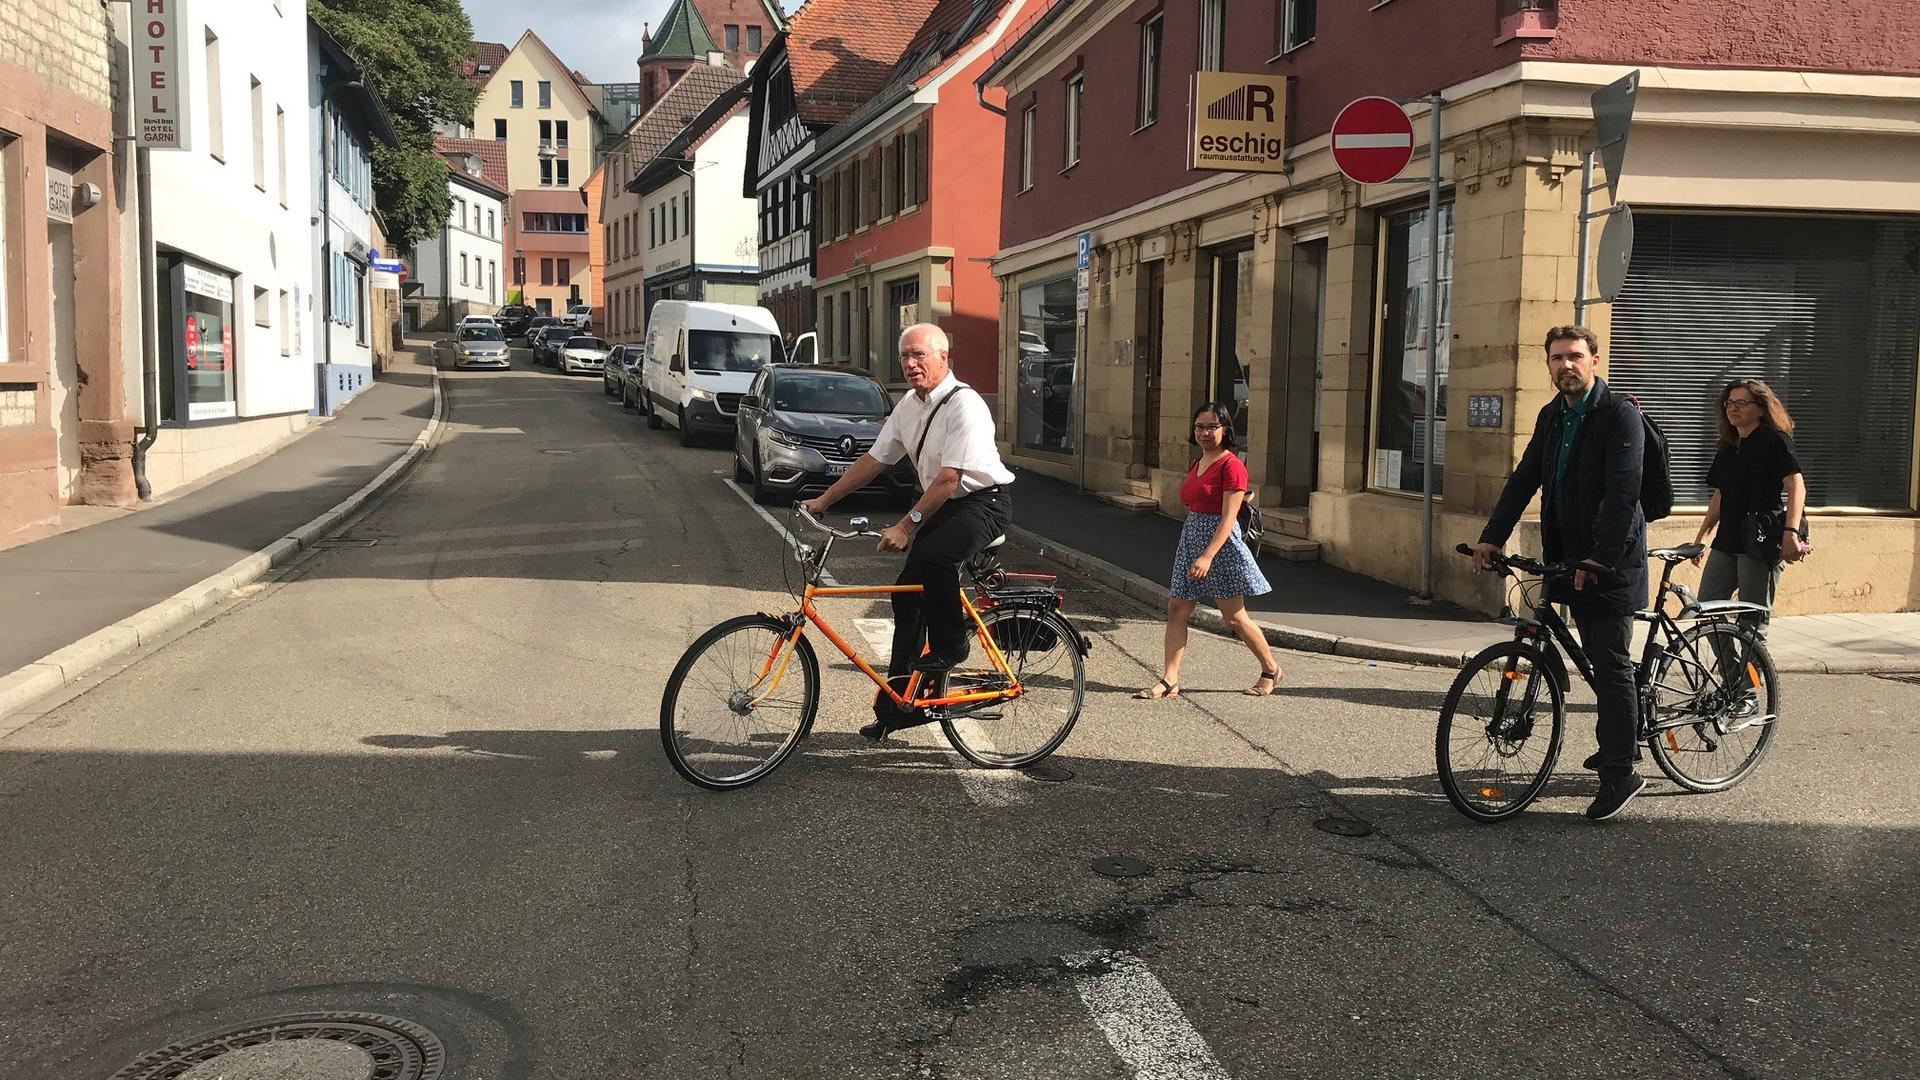 Radfahrer und Fußgänger auf Straße